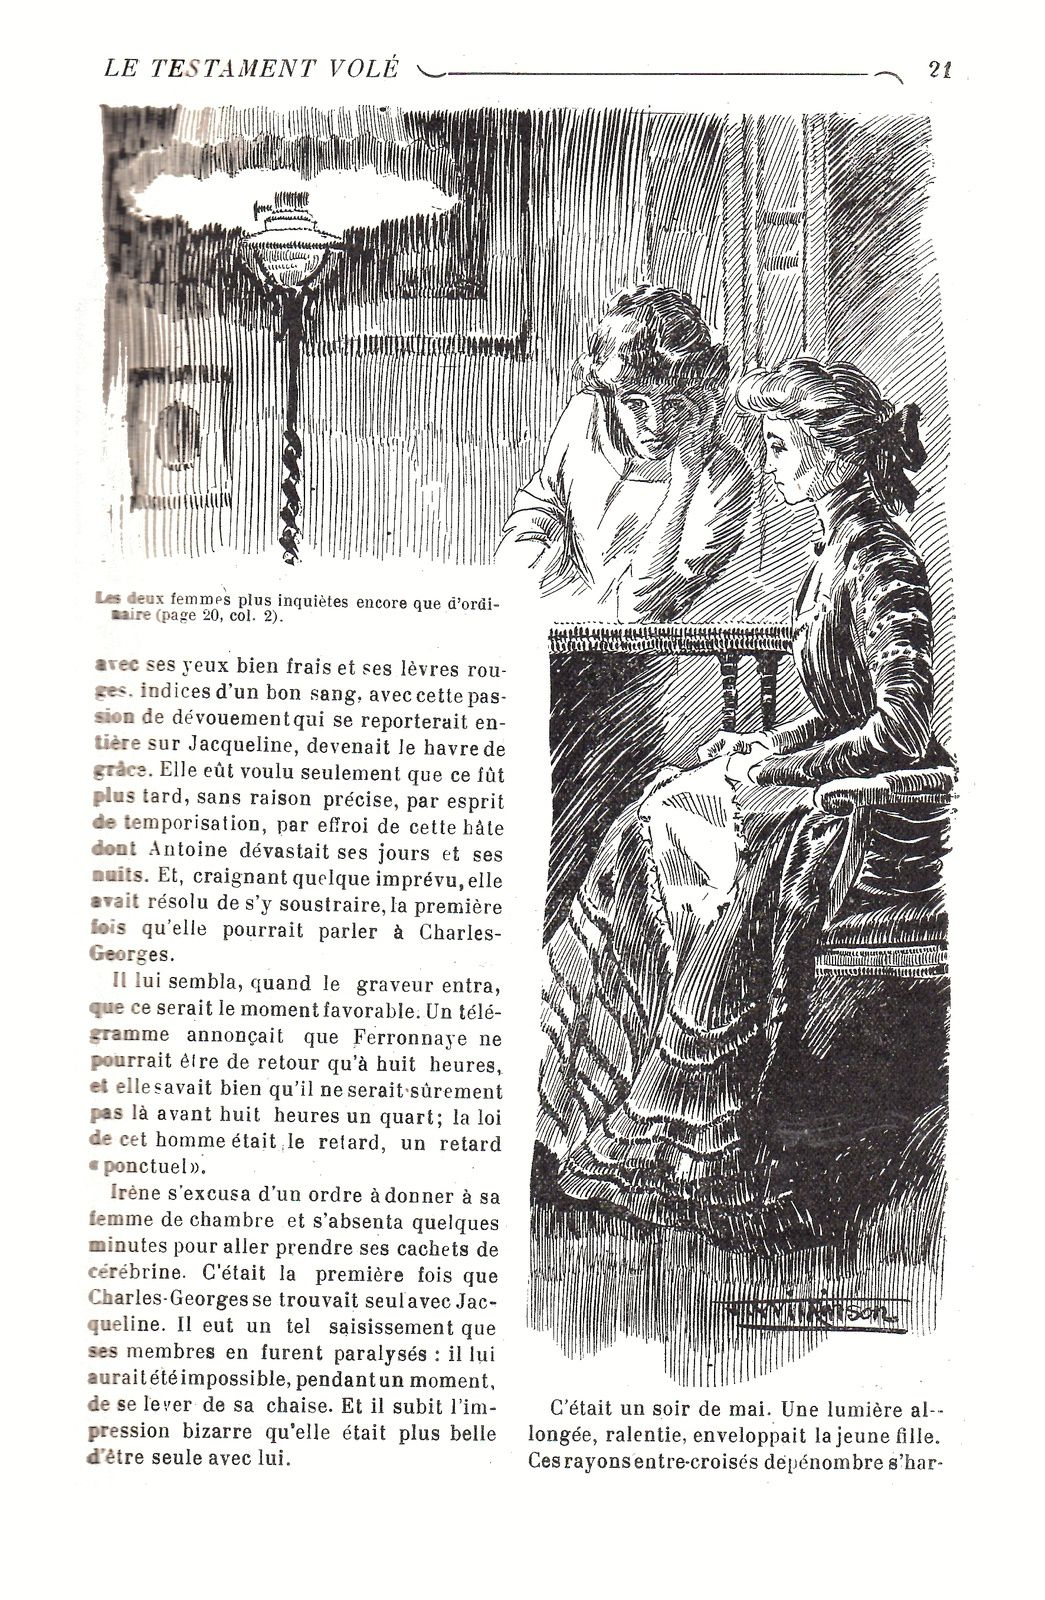 """J.-H. Rosny """"Le Testament volé"""" in Les Heures littéraires illustrées (1911)"""